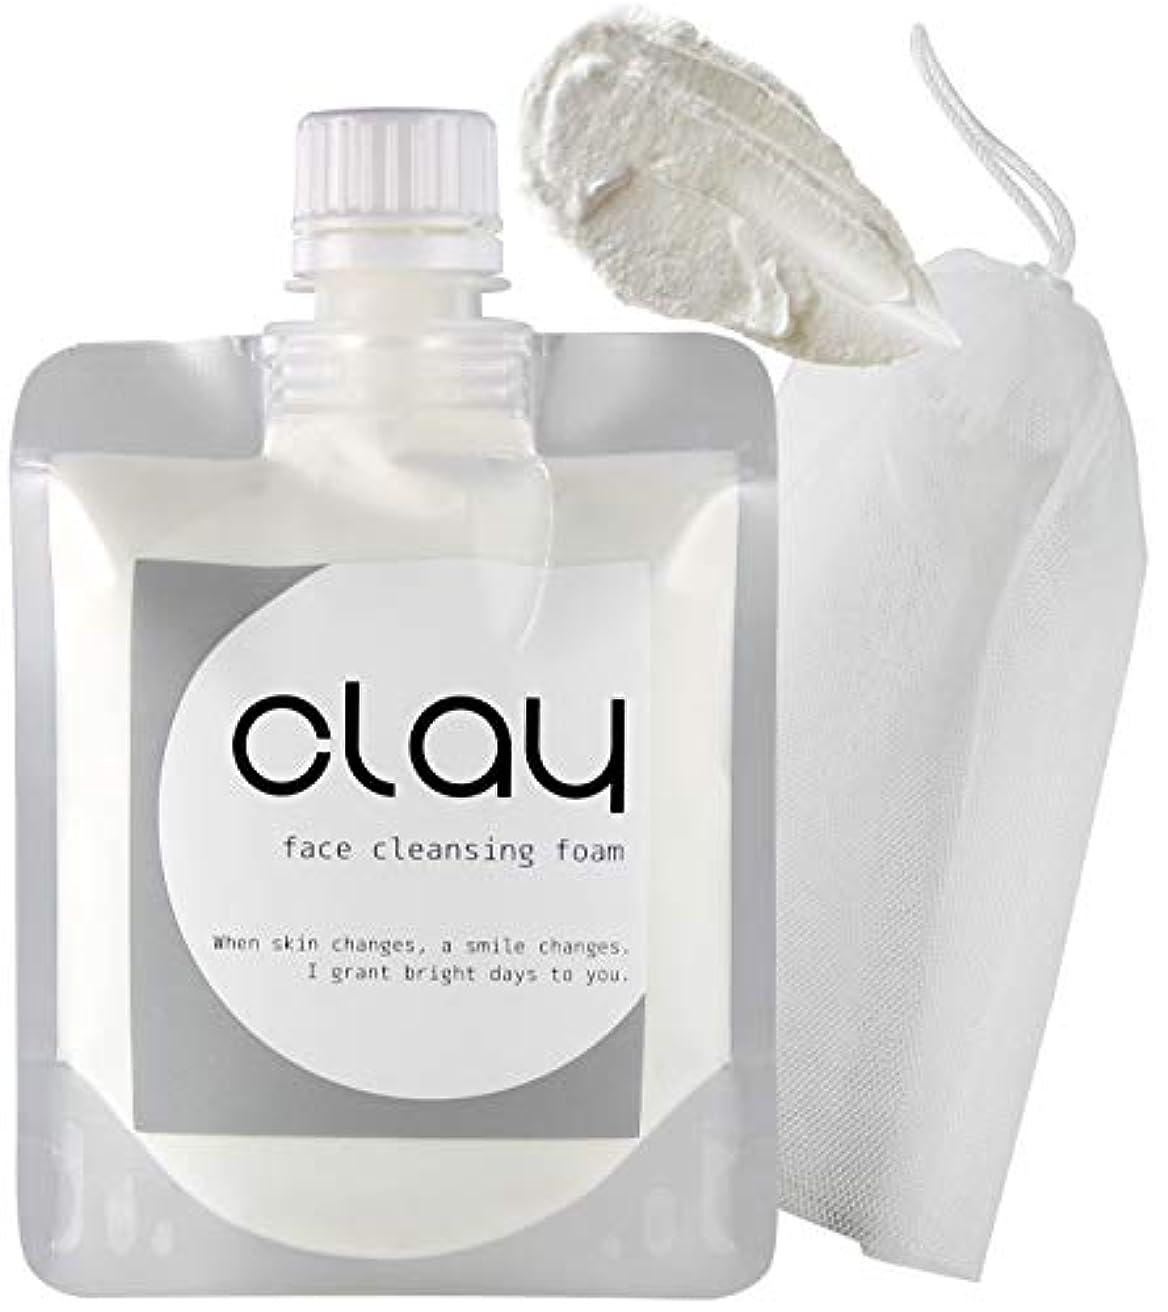 音九時四十五分安心STAR'S クレイ 泥 洗顔 オーガニック 【 毛穴 黒ずみ 開き ザラ付き 用】「 泡 ネット 付き」 40種類の植物エキス 16種類の美容成分 9つの無添加 透明感 柔肌 130g (Clay)